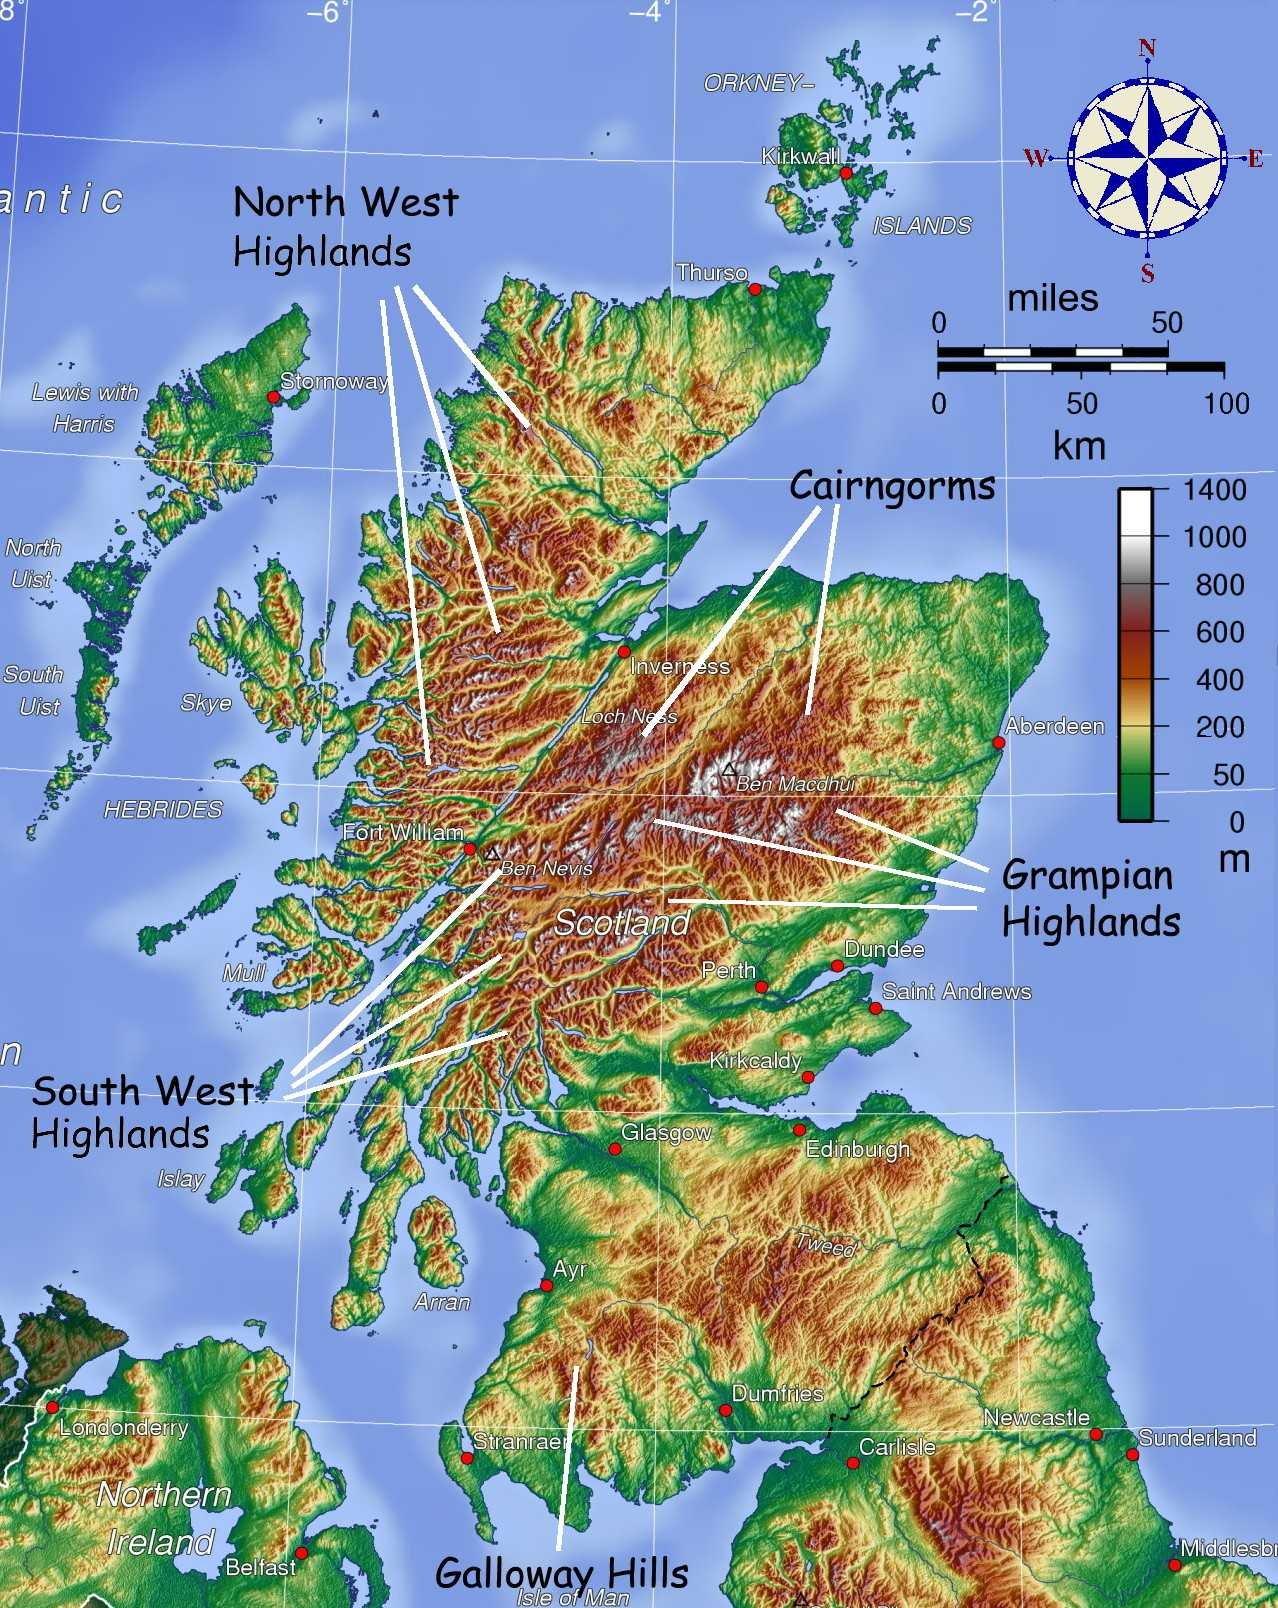 состав шотландия на карте мира фото разной